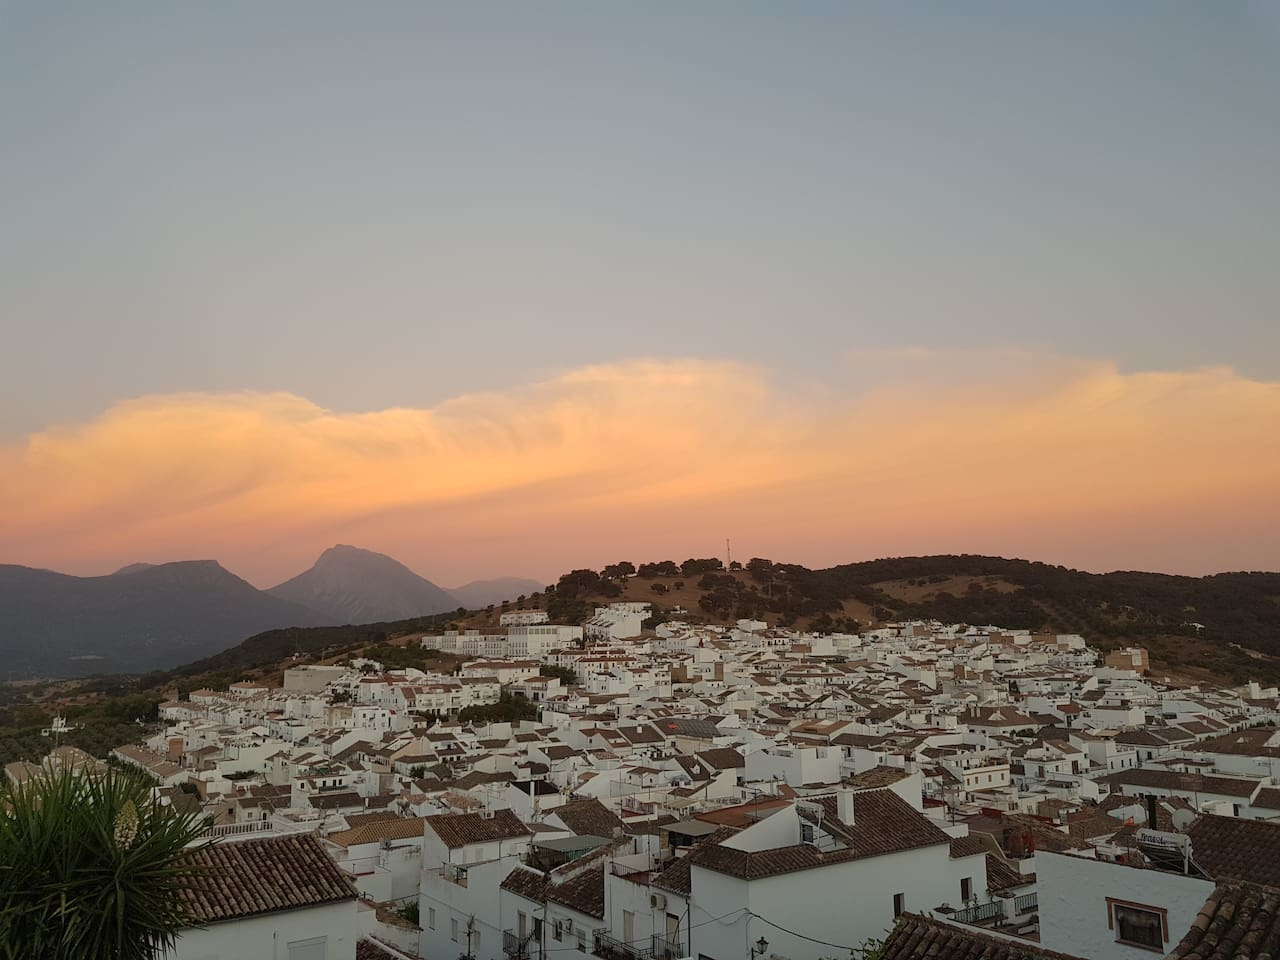 Disfrutarás de unas magníficas vistas desde todas las estancias de la casa (foto tomada desde la terraza orientada al este - Amanecer)